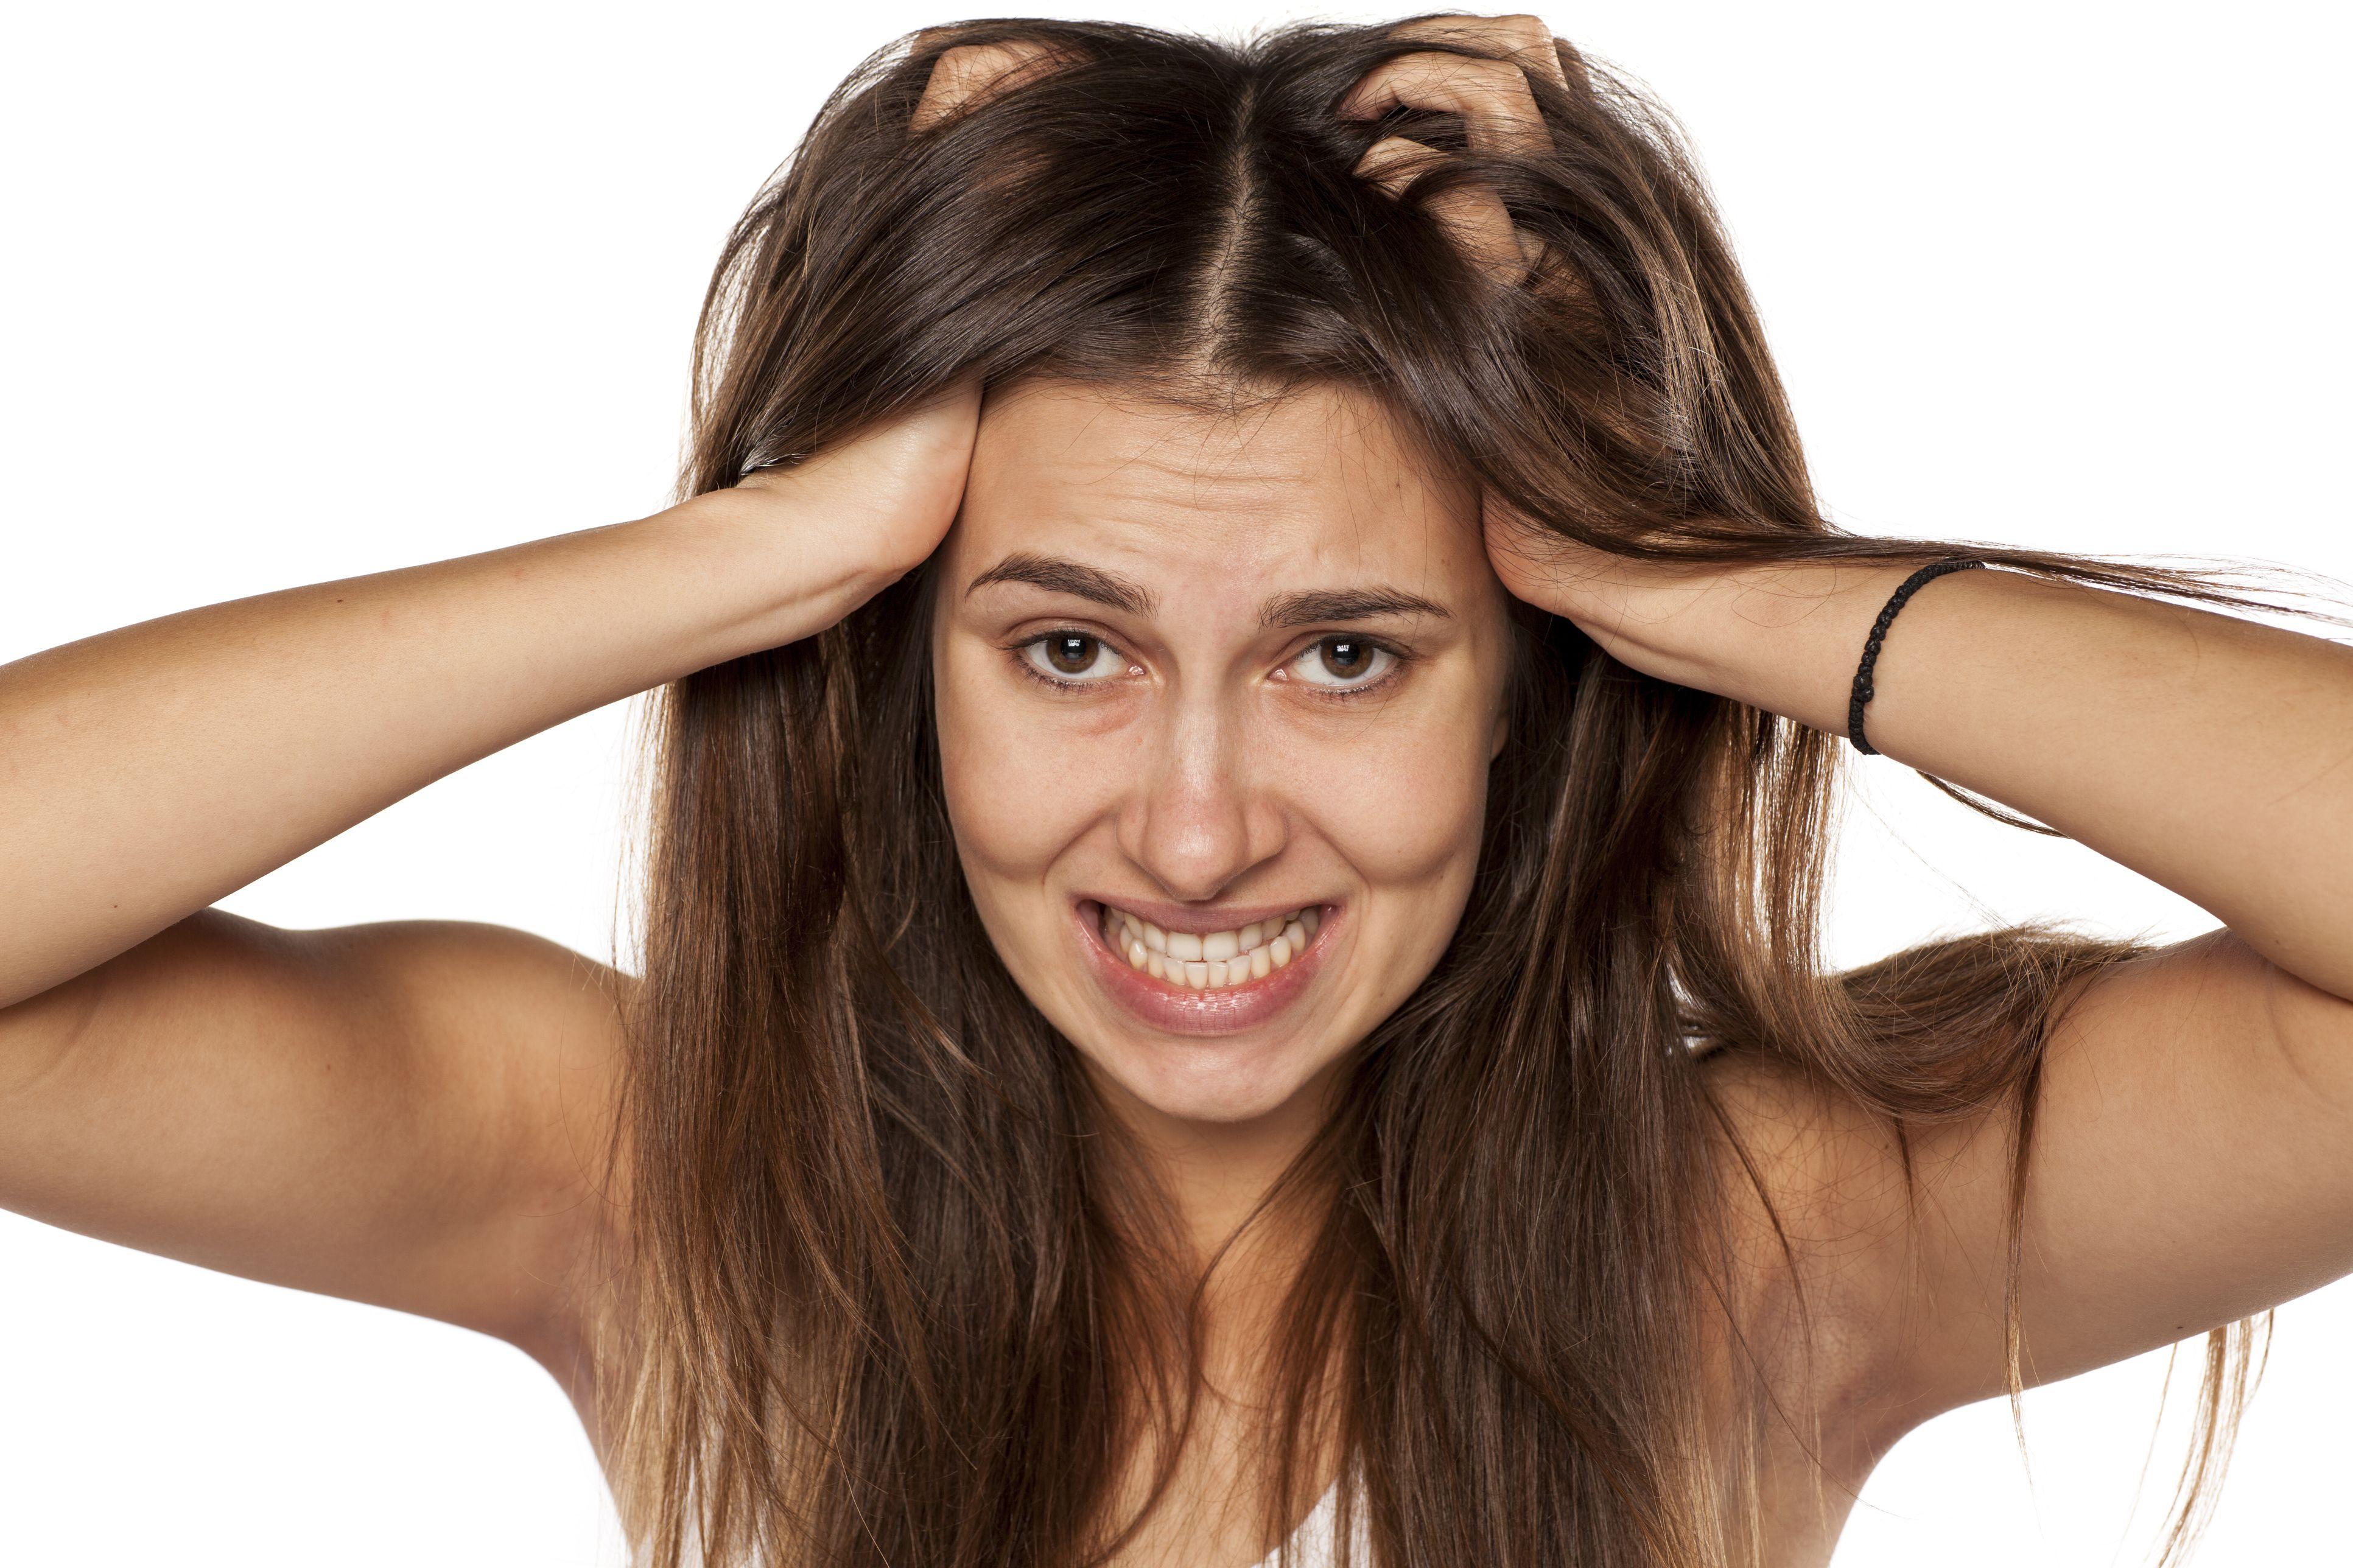 pikkelysömör a fejbőr hogyan lehet otthon gyógyítani)